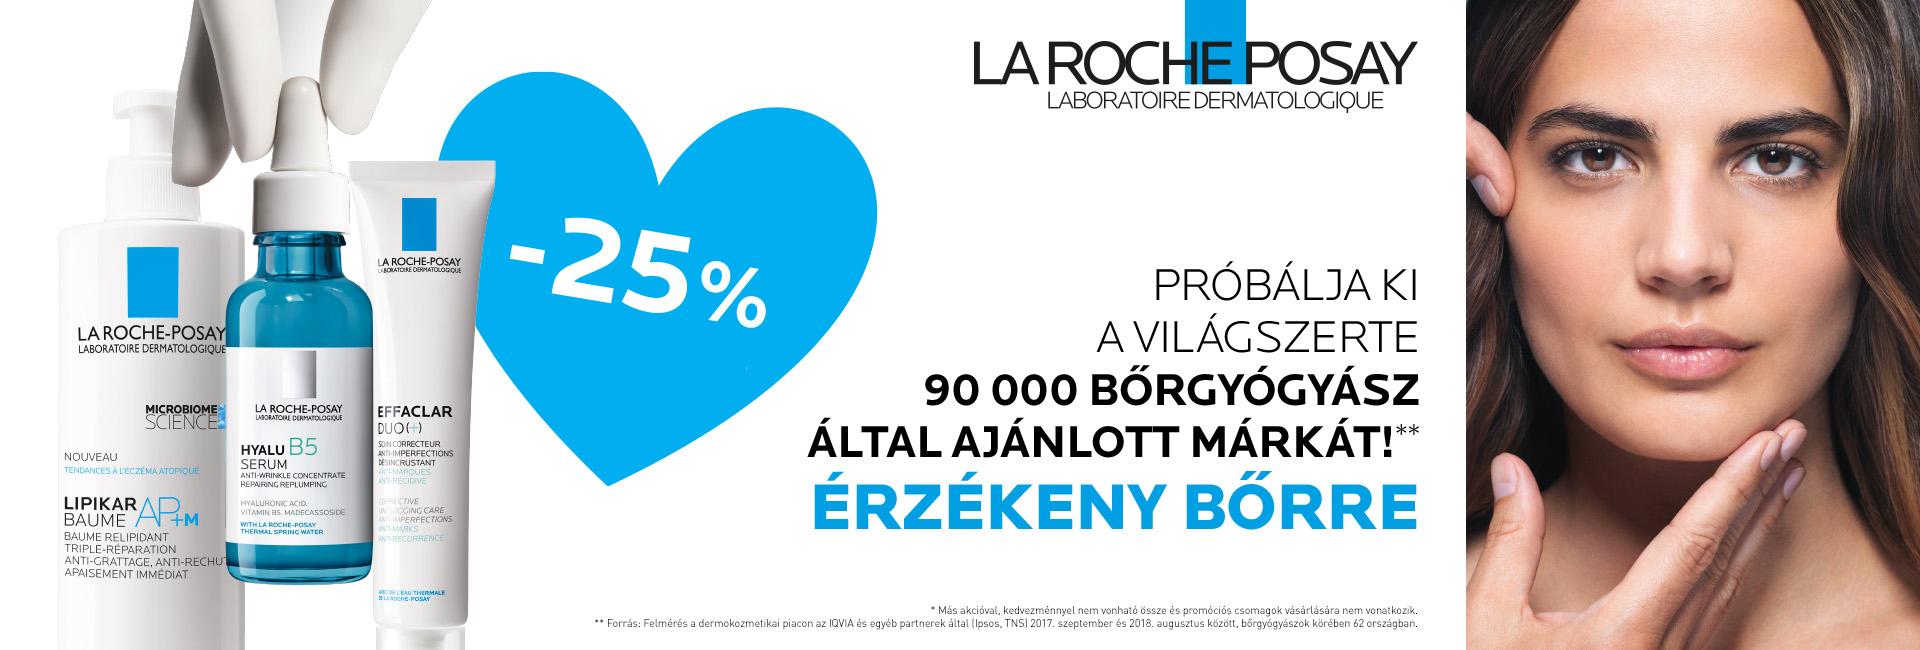 2020. november 2-9. között minden La Roche-Posay terméket 25% kedvezménnyel kínálunk!